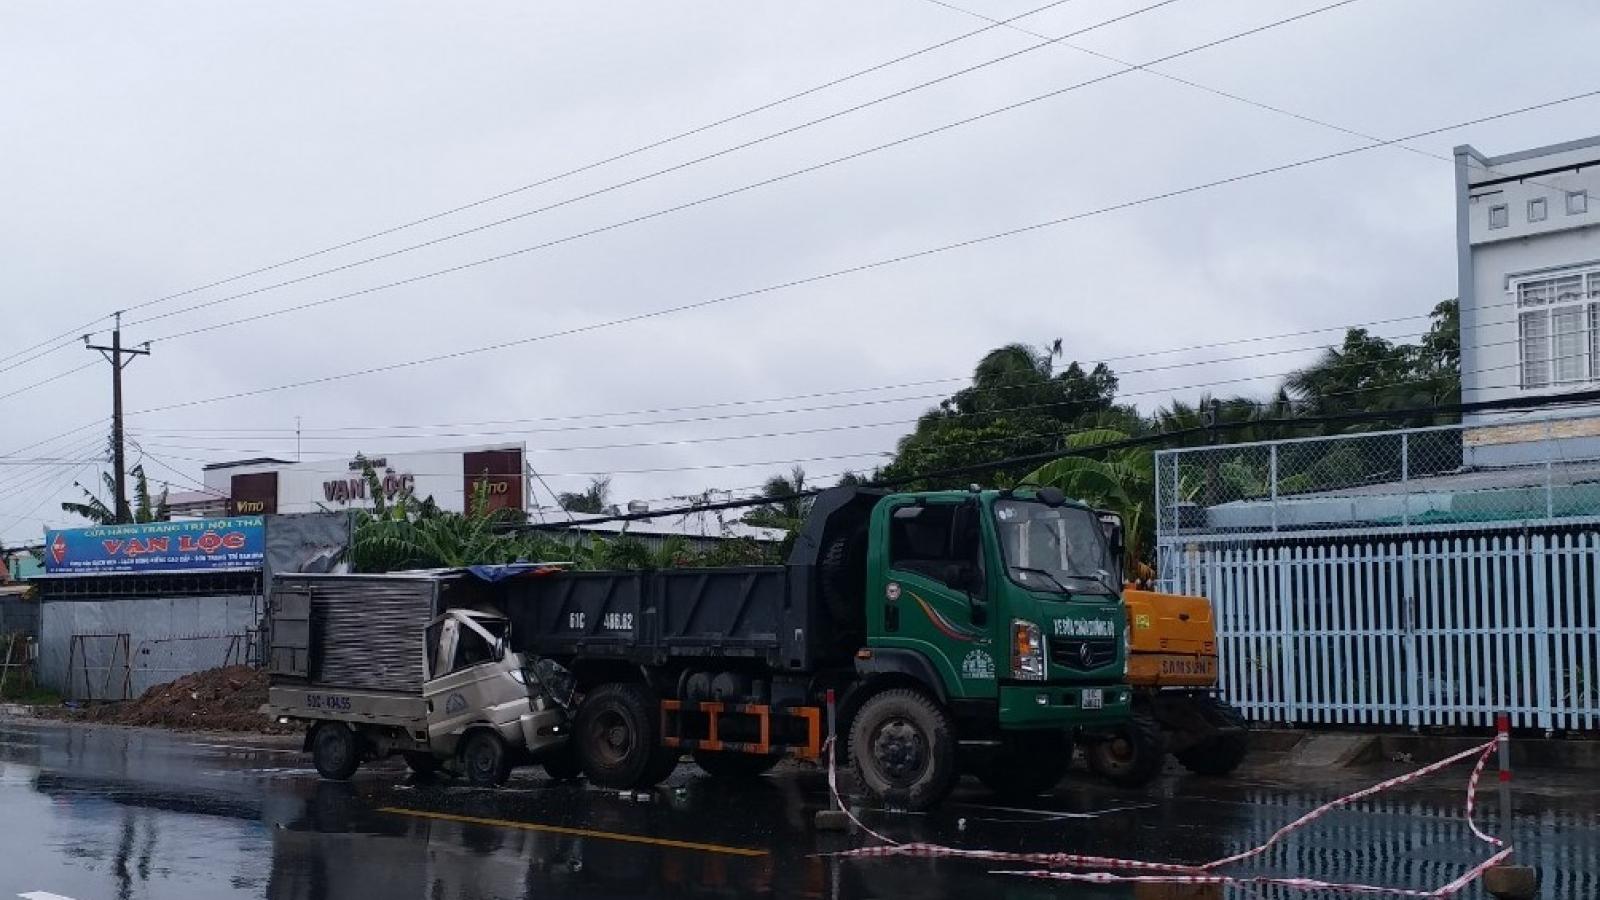 Khẩn trương làm rõ vụ tai nạn giao thông làm 2 người thương vong ởTiền Giang